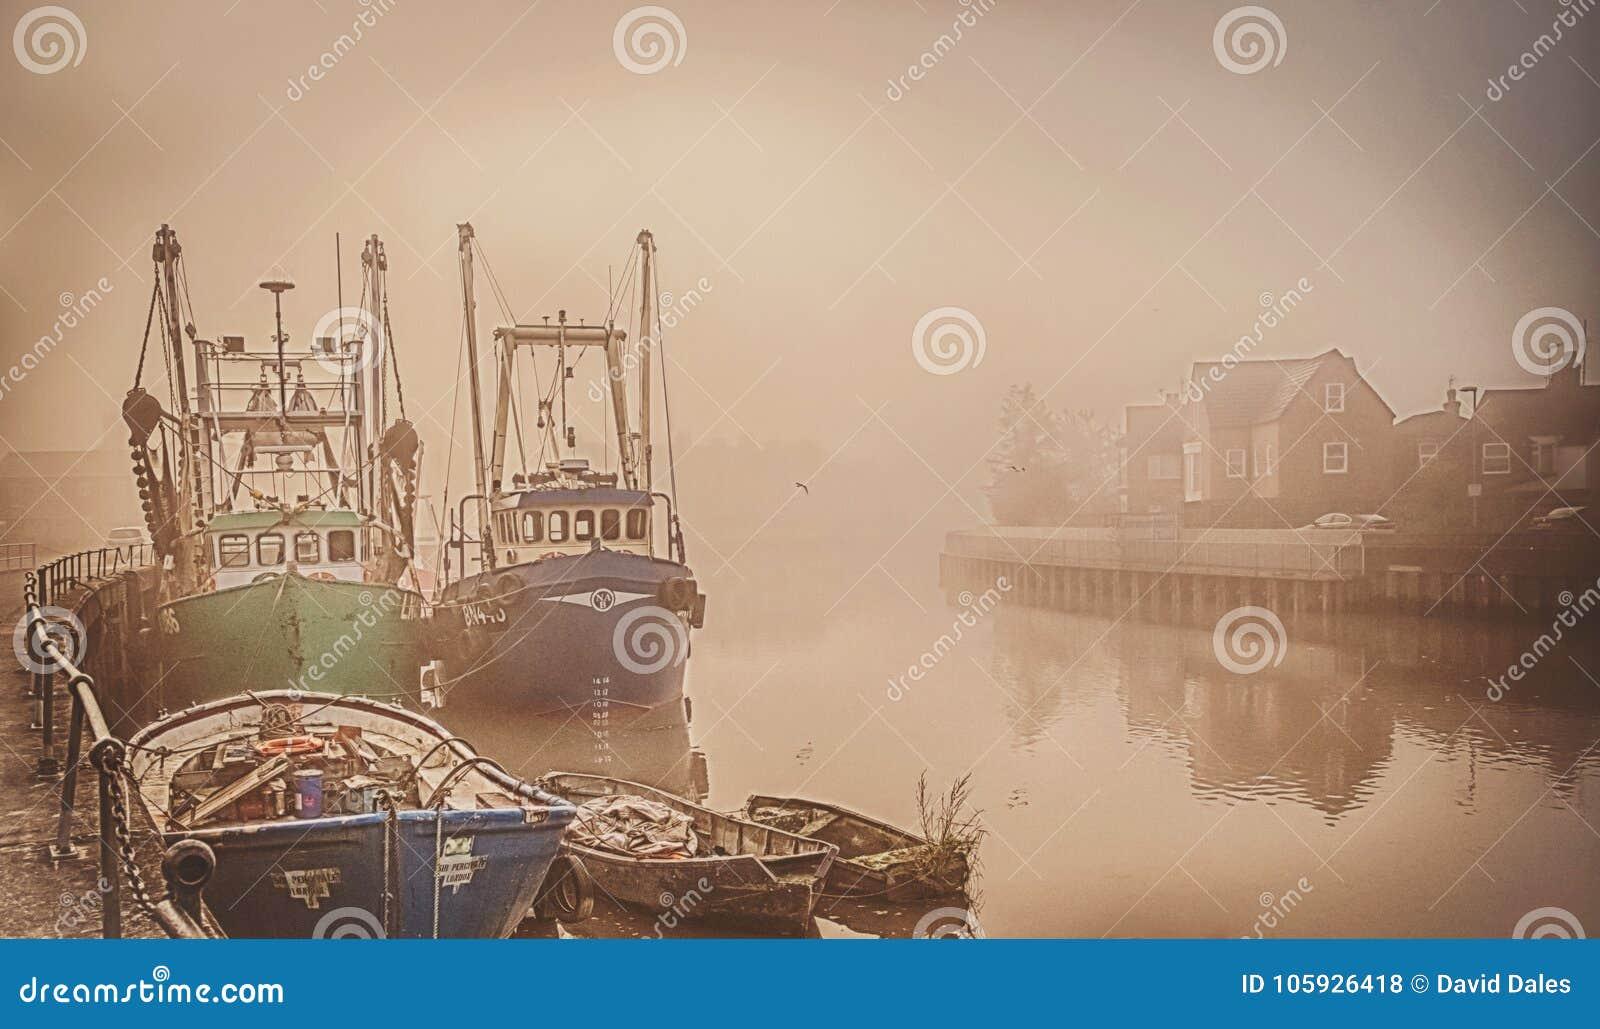 Bateaux sur une rivière brumeuse